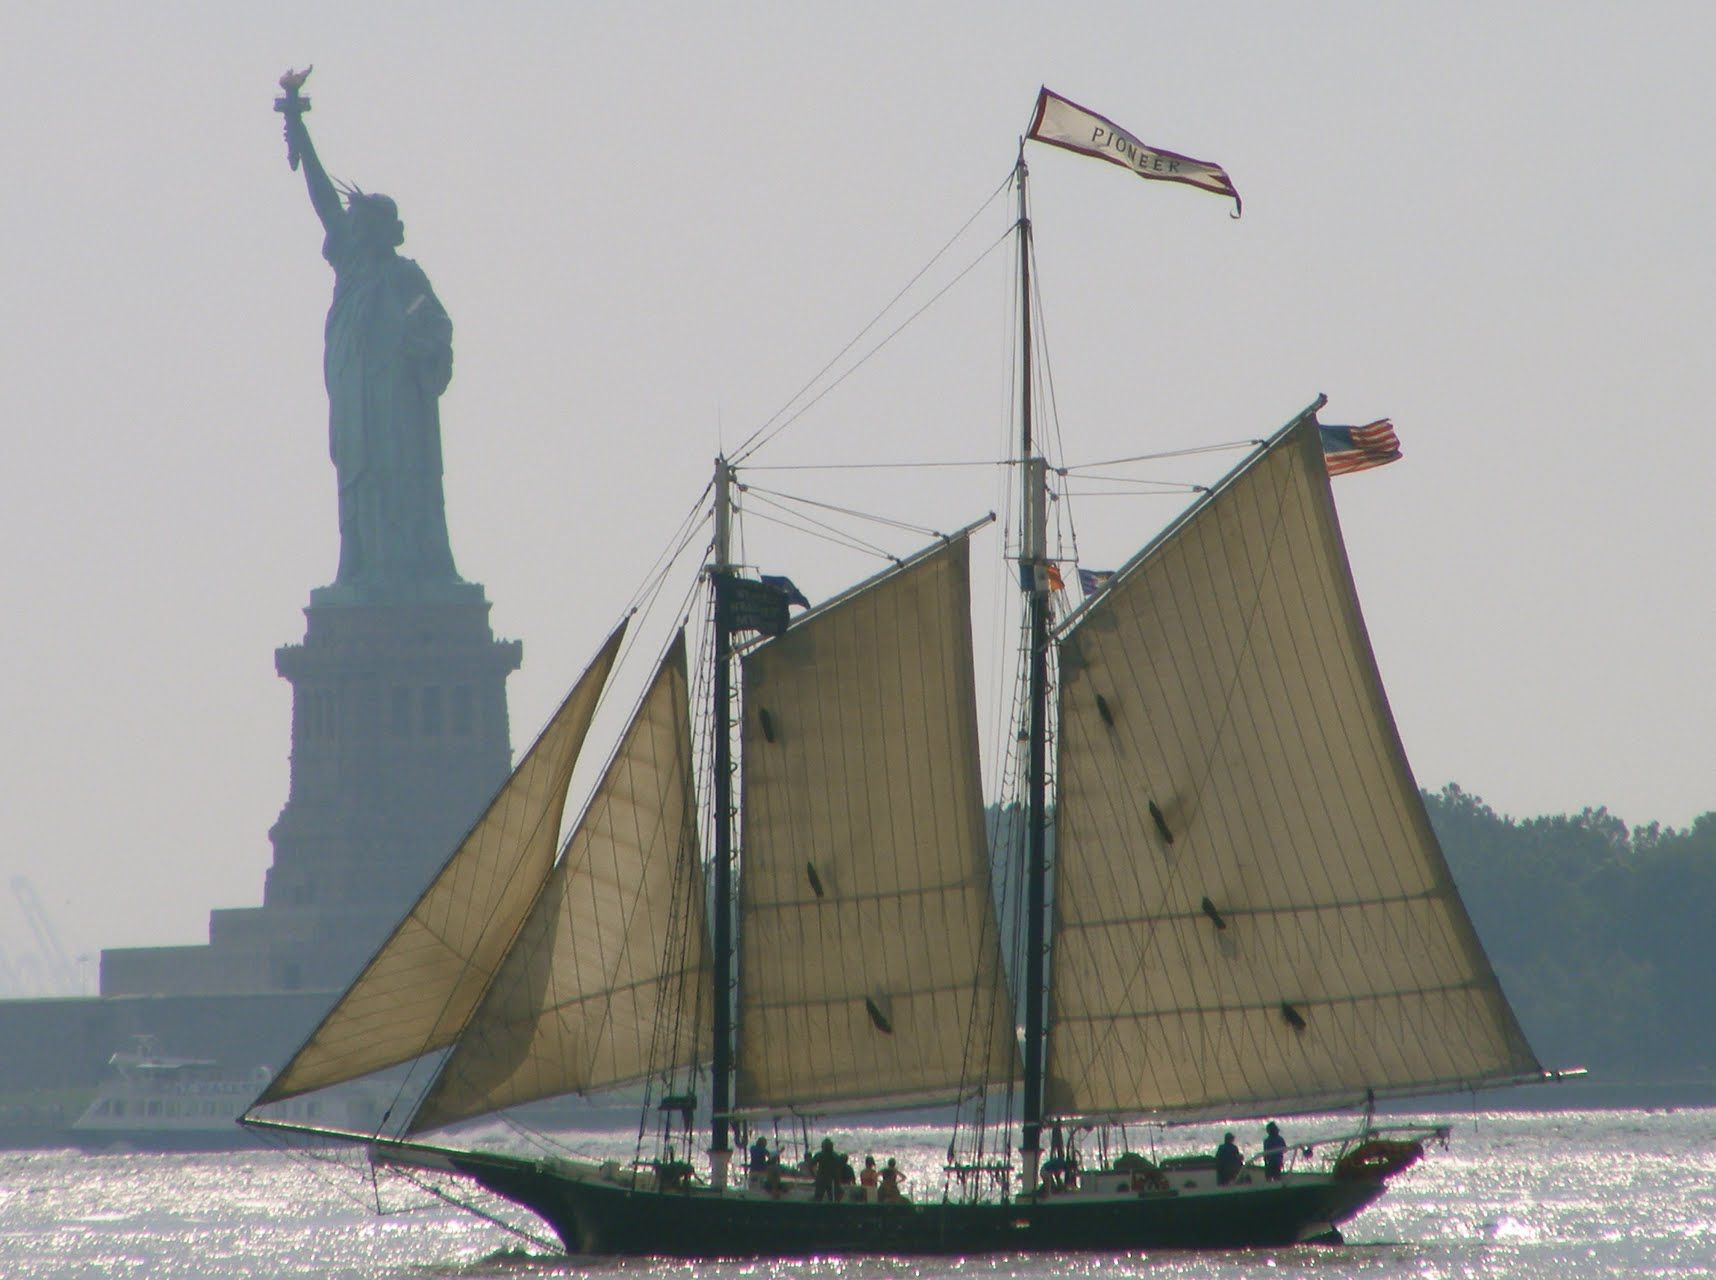 Schooner & The Statue of Liberty